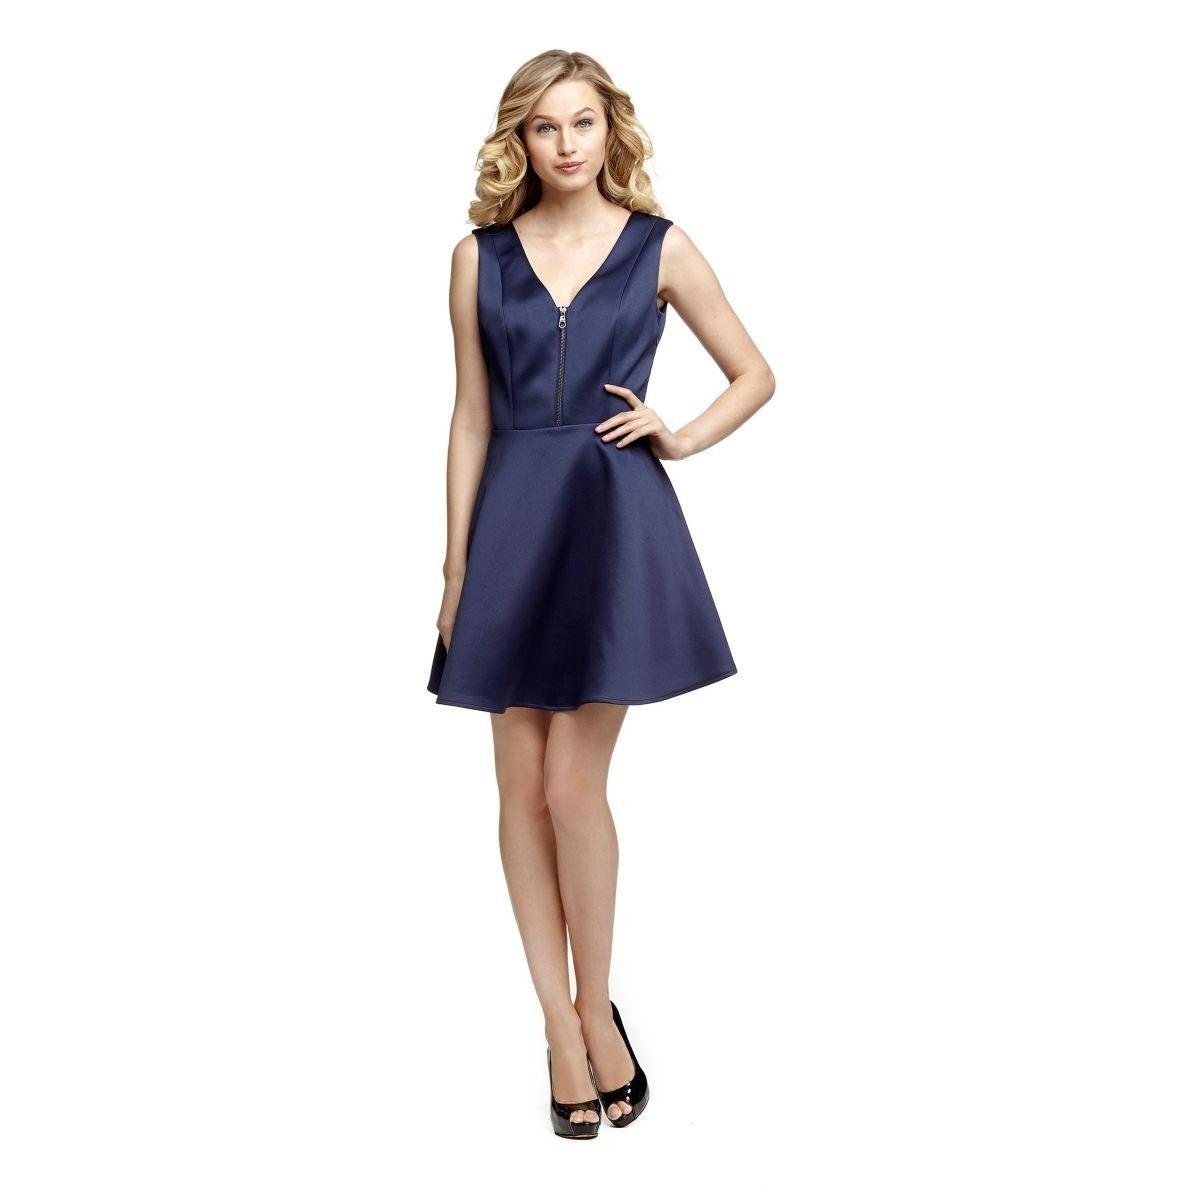 20 Perfekt Damen Kleider Blau für 201920 Schön Damen Kleider Blau Bester Preis